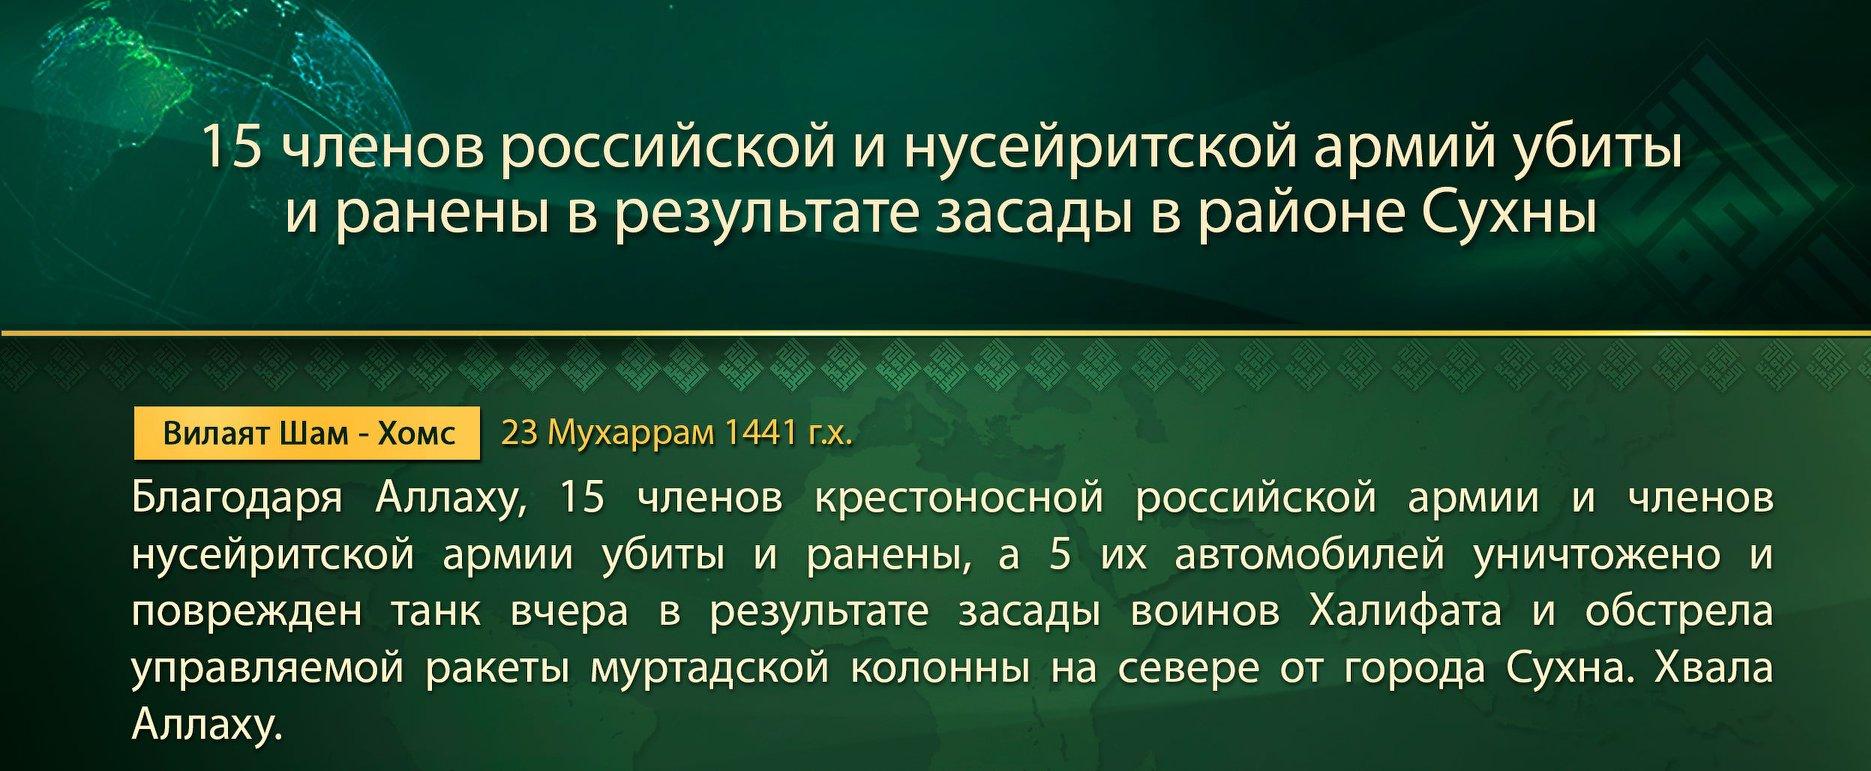 Гончарук встретился с делегацией Японии: предложил инвестировать в зону отчуждения ЧАЭС - Цензор.НЕТ 909